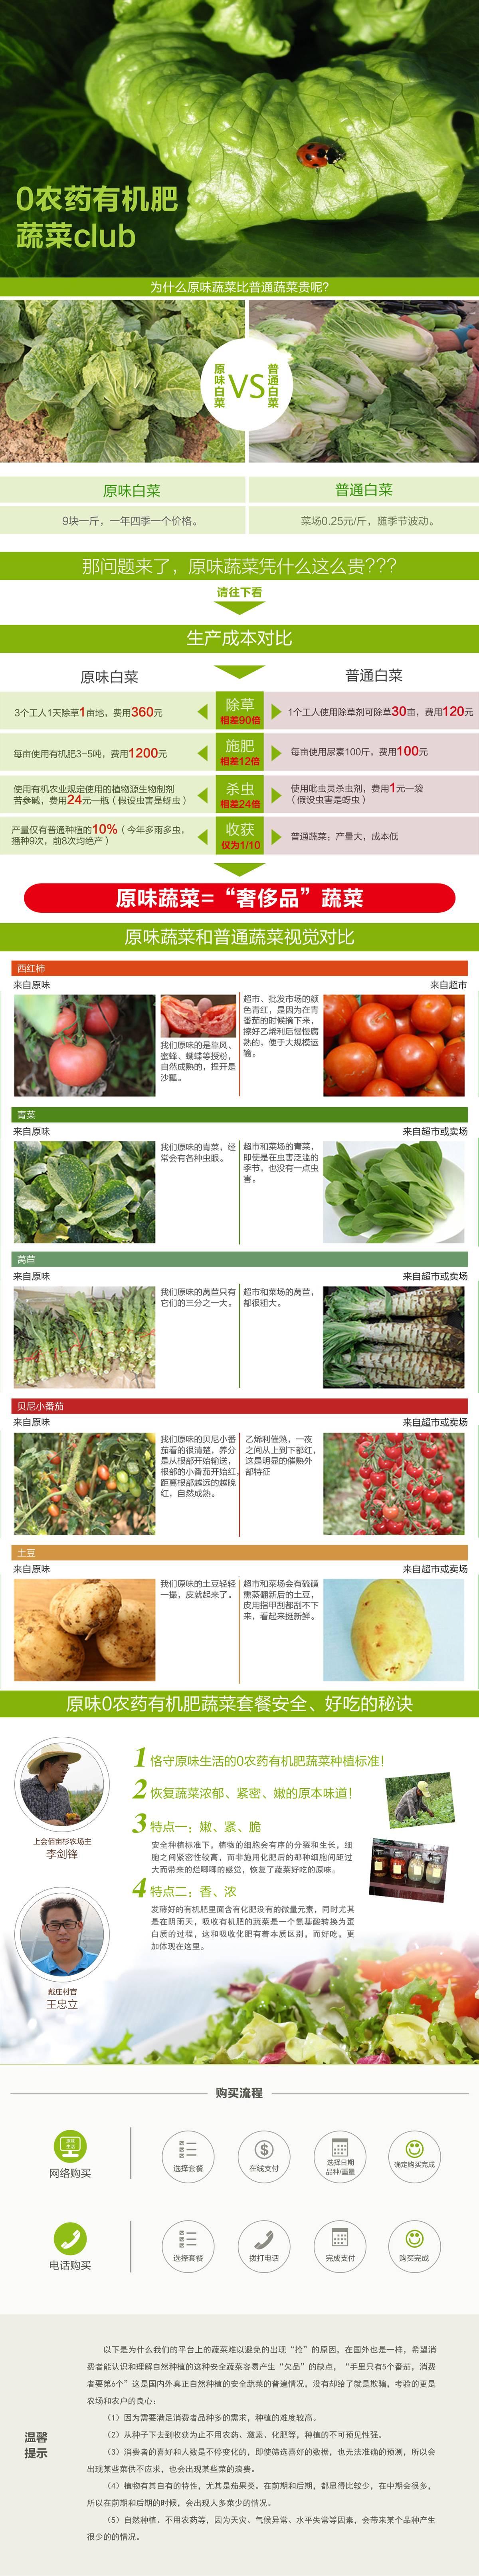 有机标准蔬菜套餐